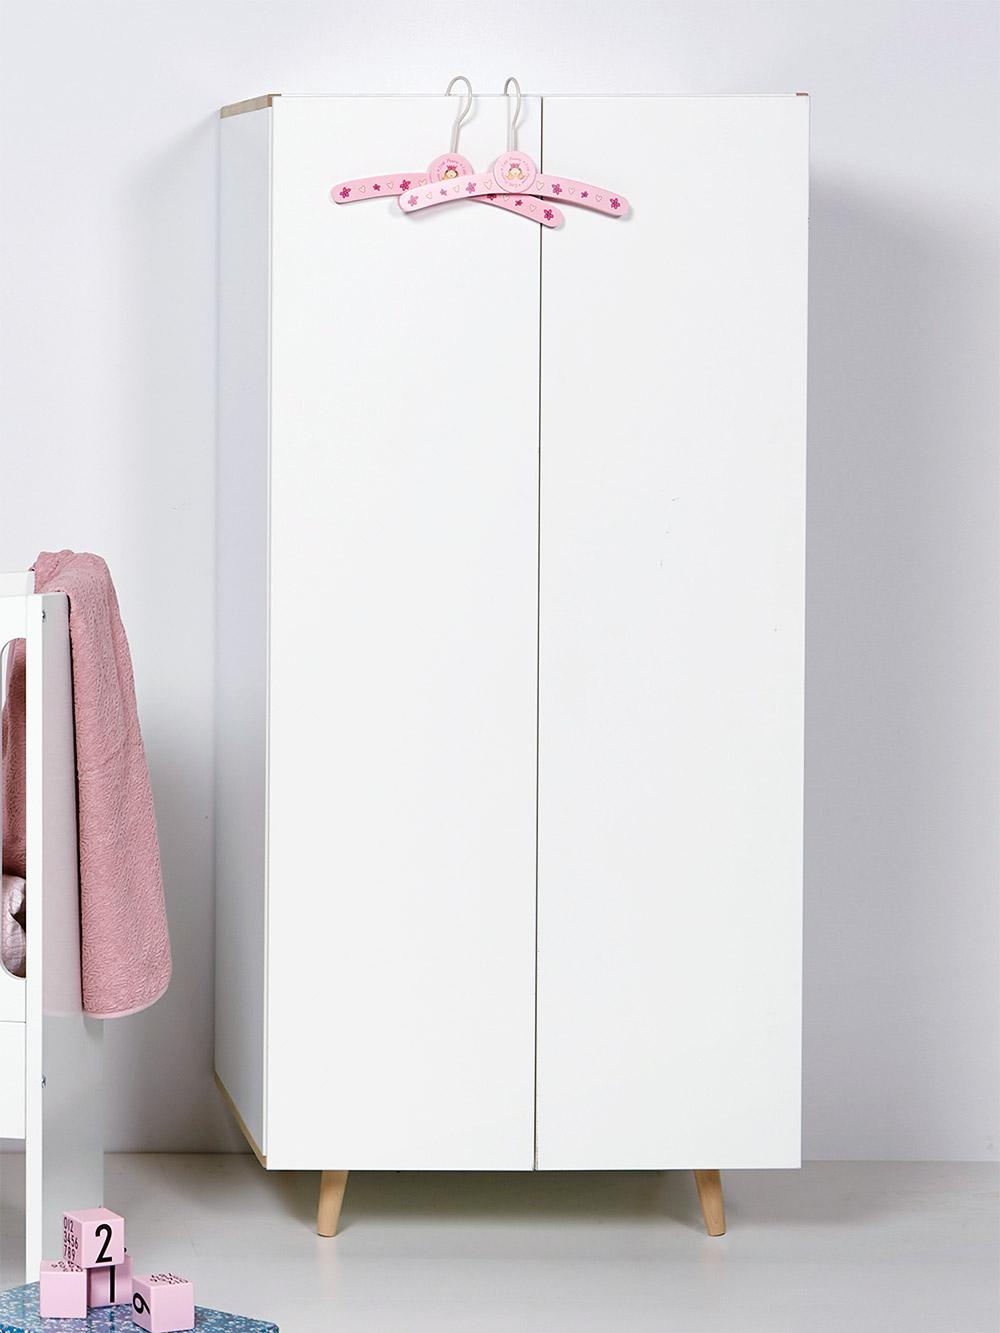 niedriger kleiderschrank f r babykleidung kids town retro. Black Bedroom Furniture Sets. Home Design Ideas